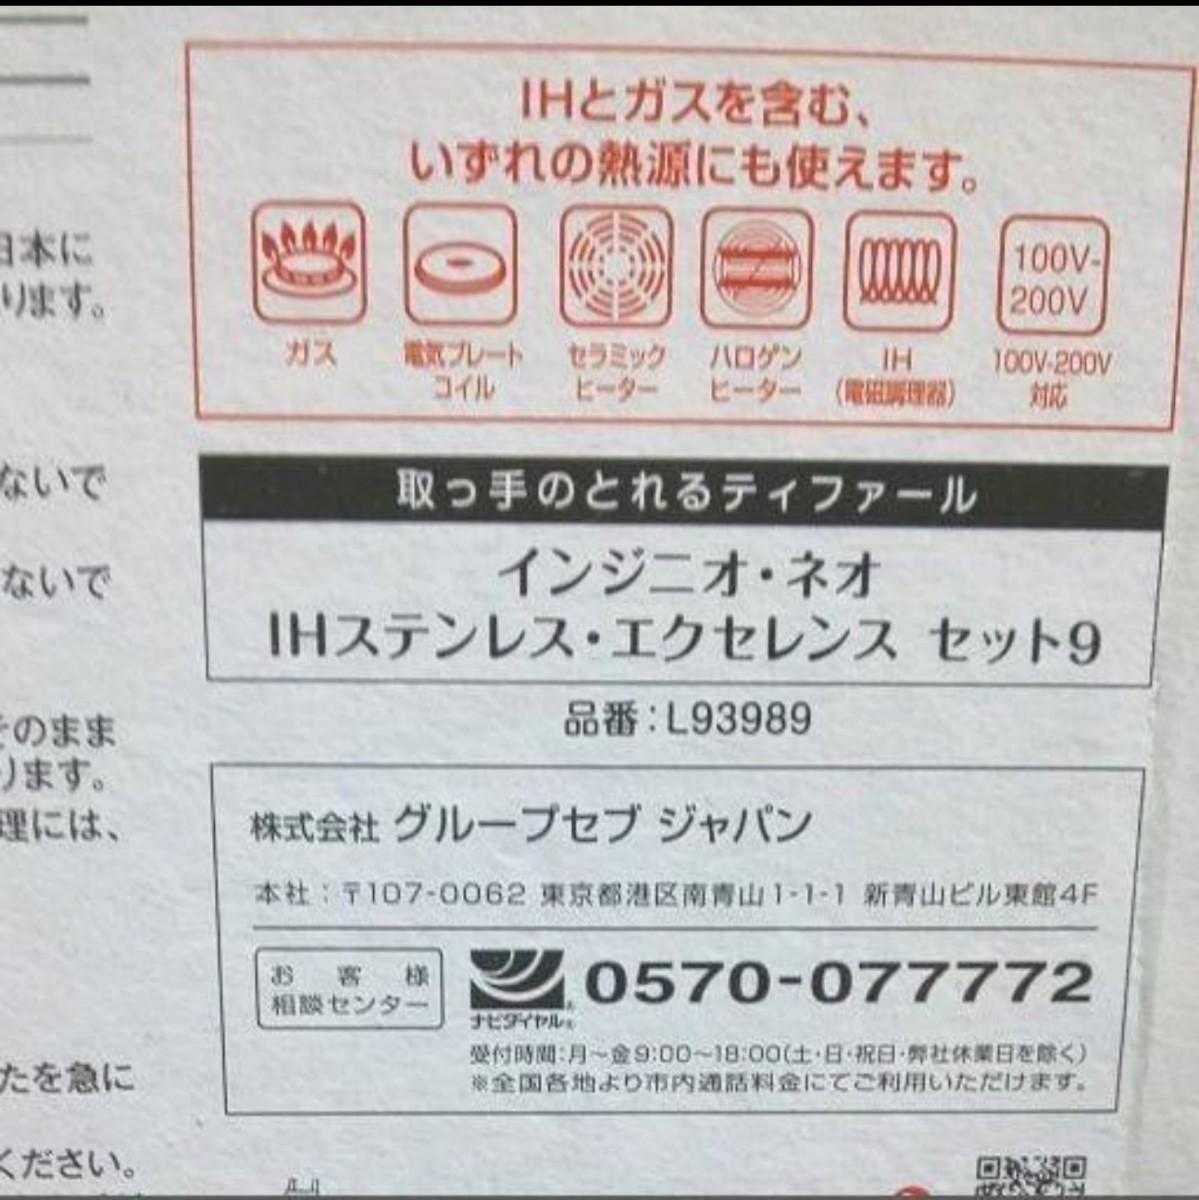 T-fal ティファール インジニオ IHステンレス エクセレンス 9点セット 新品◆未開封